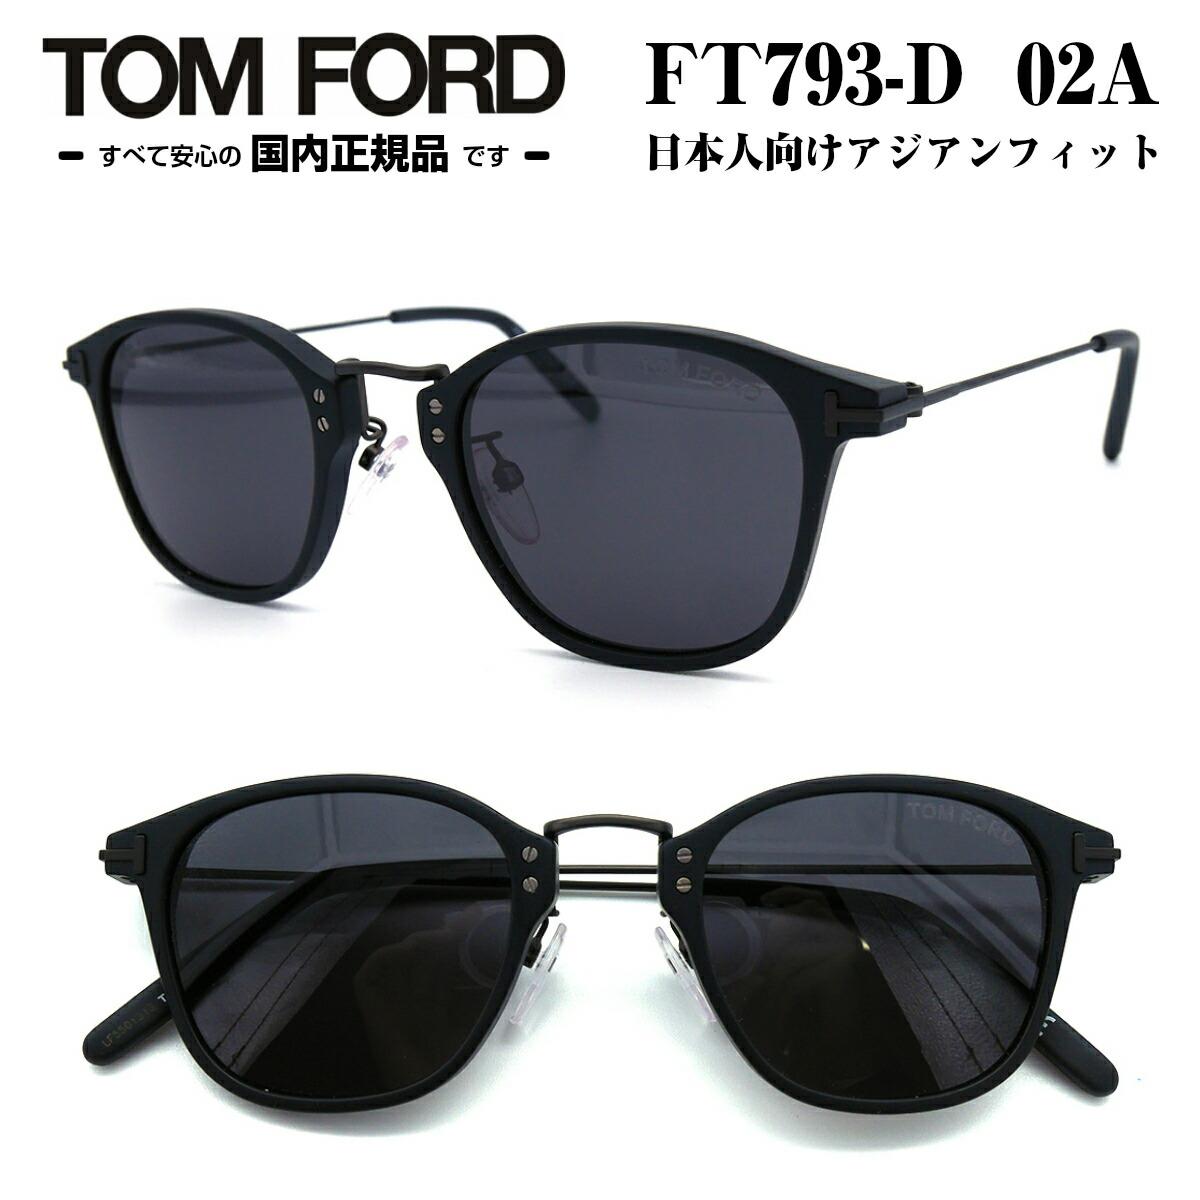 TOM FORD トムフォード FT793-D 02A (TF793-D 02A) サングラス メガネ 眼鏡 めがね フレーム 正規品 新品 本物 度付き対応 スクエア ボストン 大きい メンズ 男 おしゃれ 日本企画